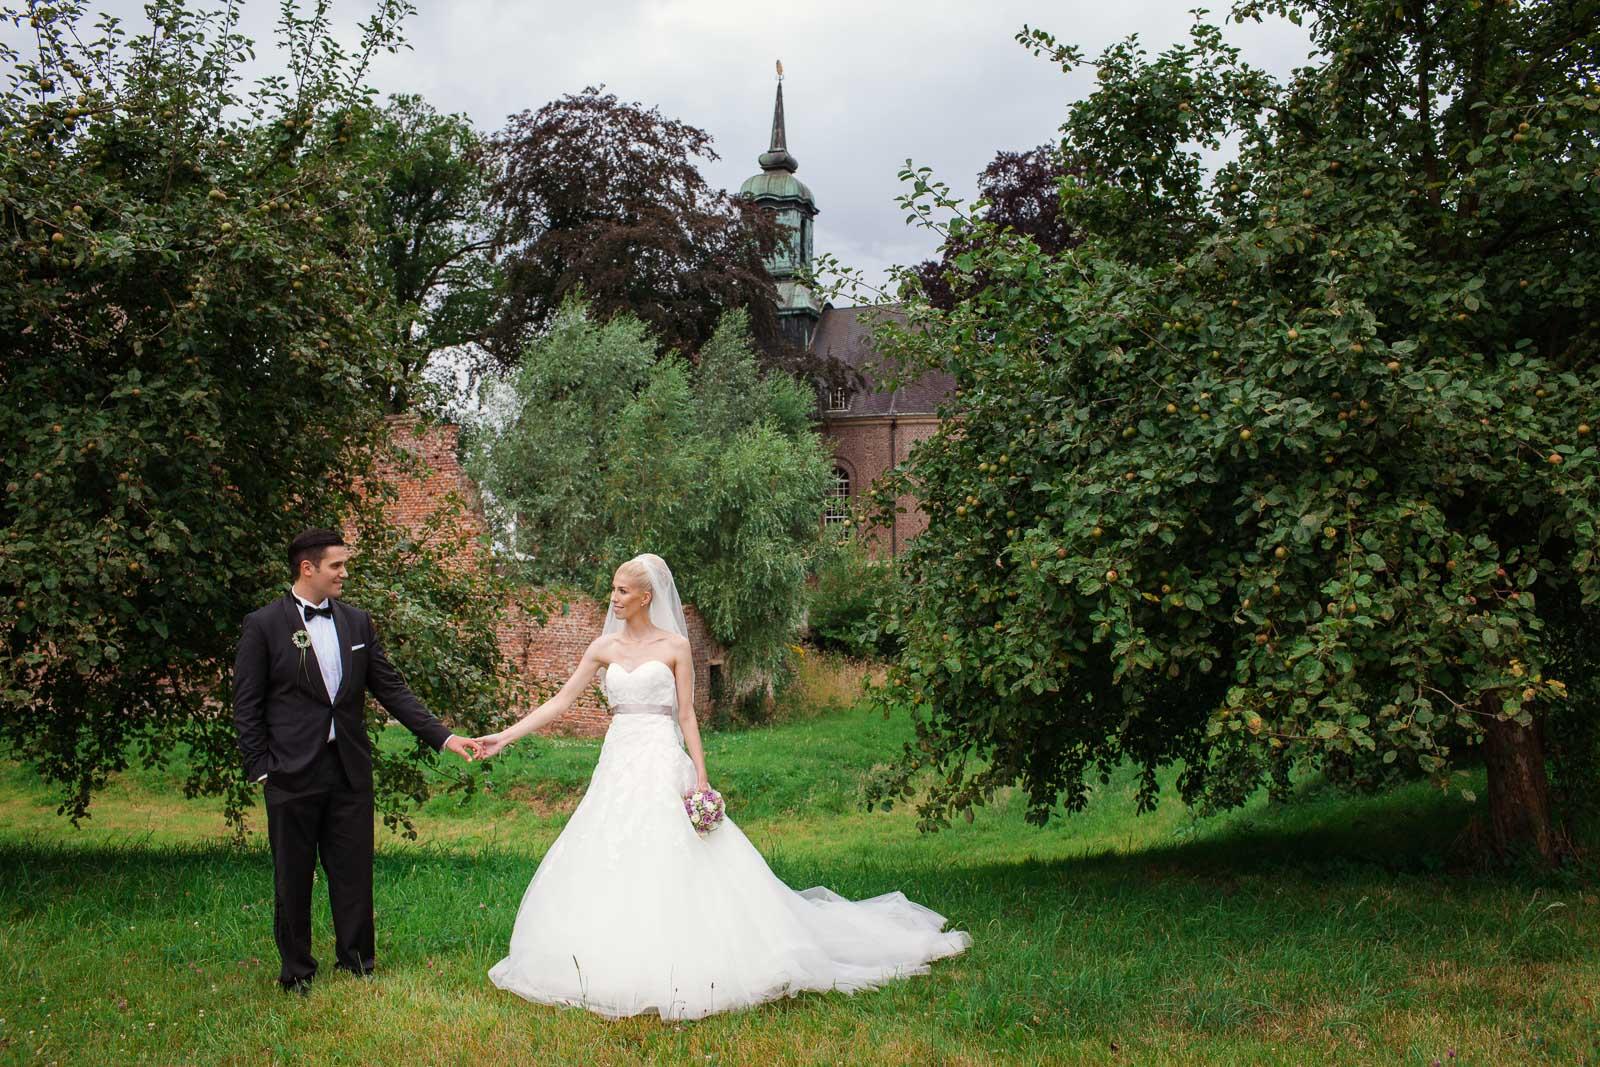 Hochzeitsfotograf Wesel - Schloss Diersfordt_077.jpg